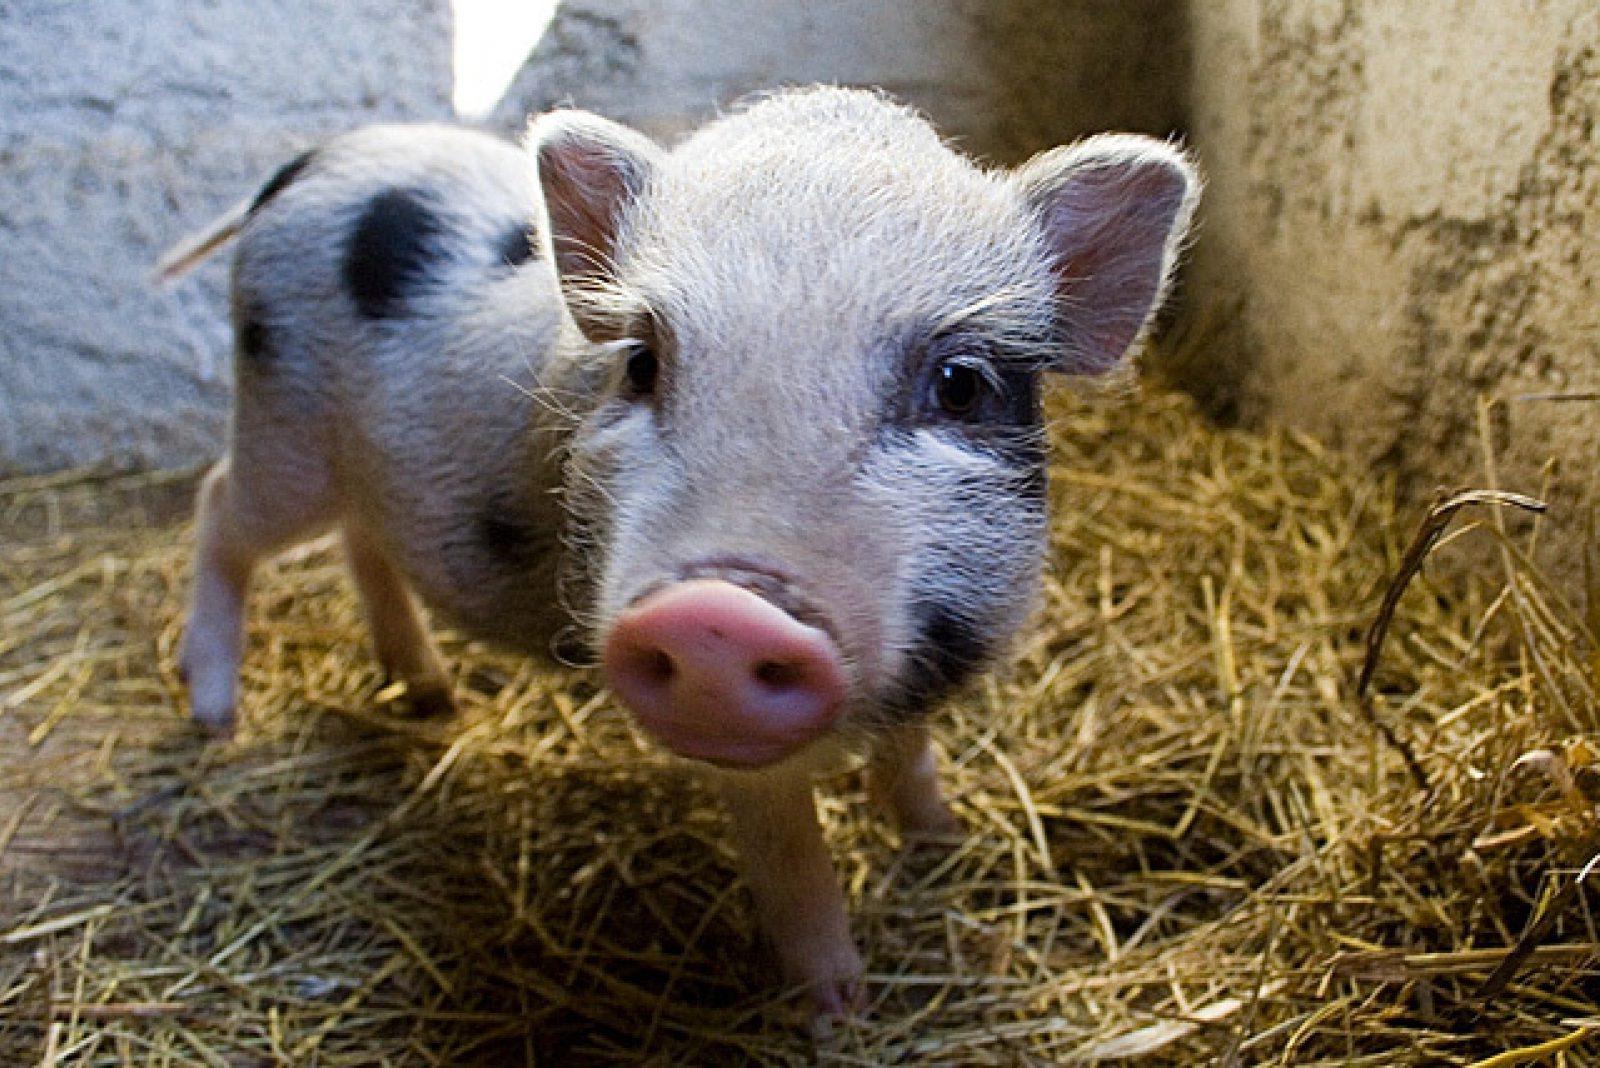 Оптимізація кормів для свиней та курей за вмістом білку, вологи, олії та вуглеводів (GrainSense)